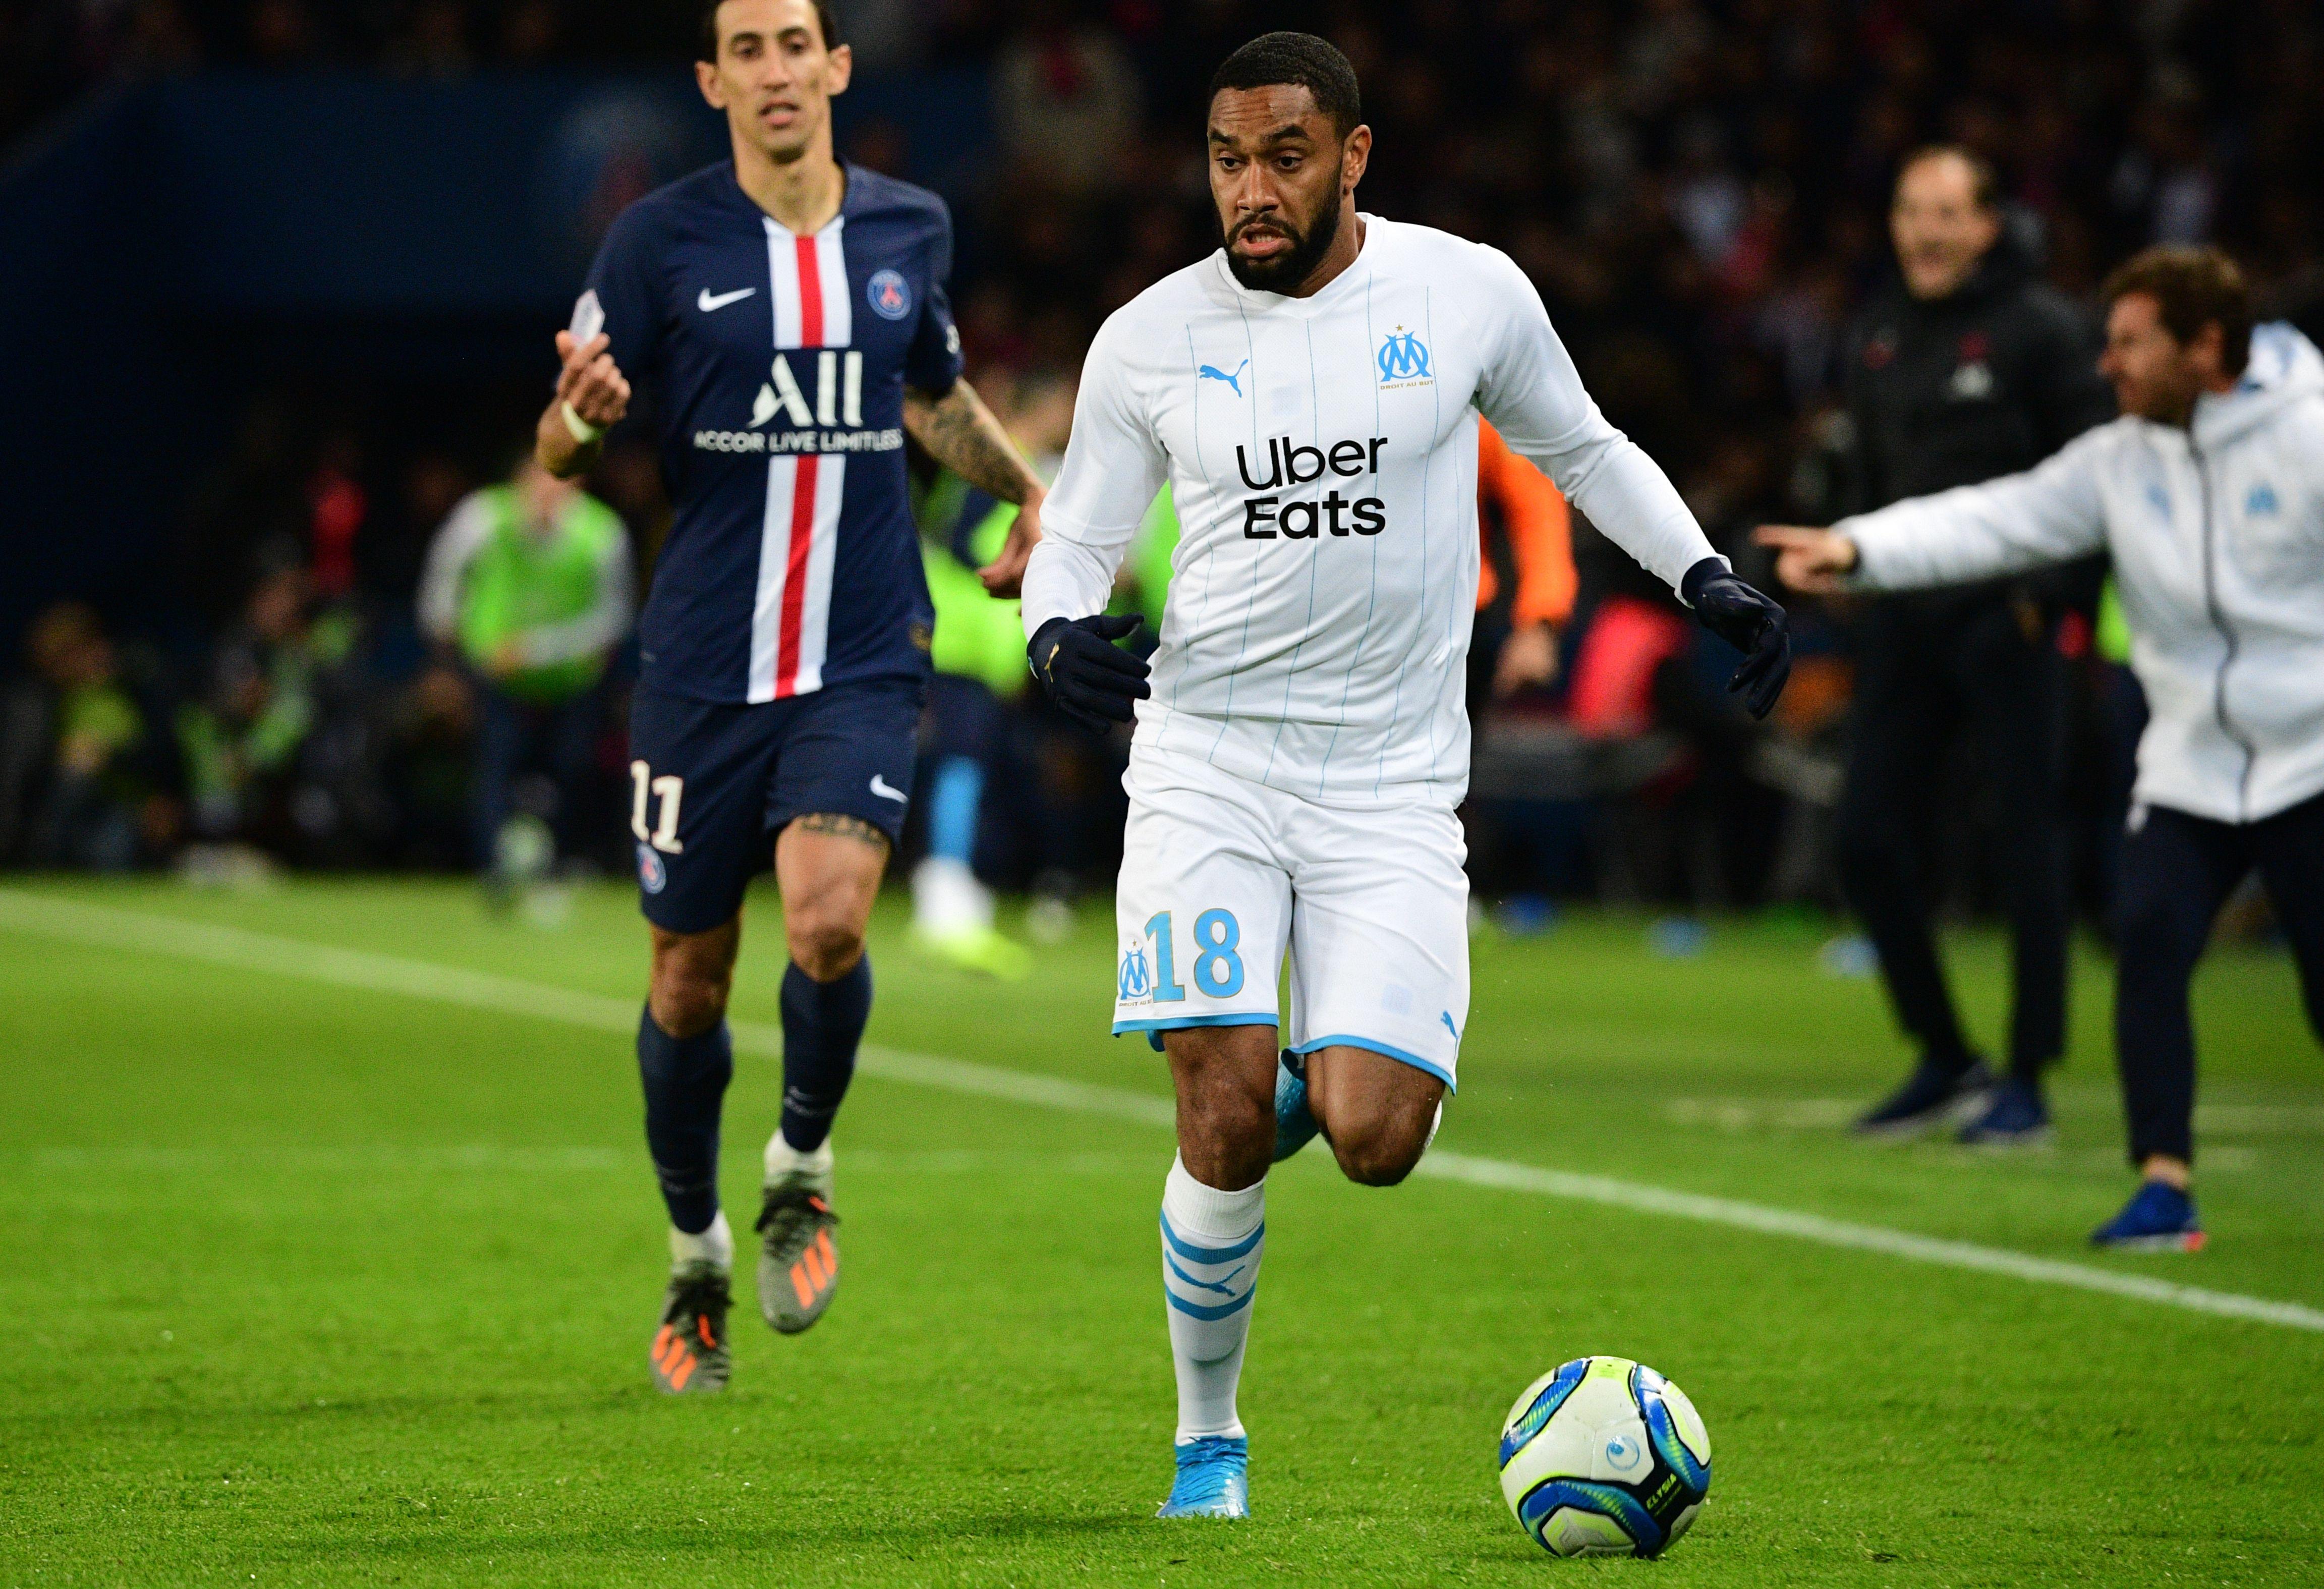 Trois nouveaux joueurs de l'Olympique de Marseille suspectés d'avoir le Covid-19